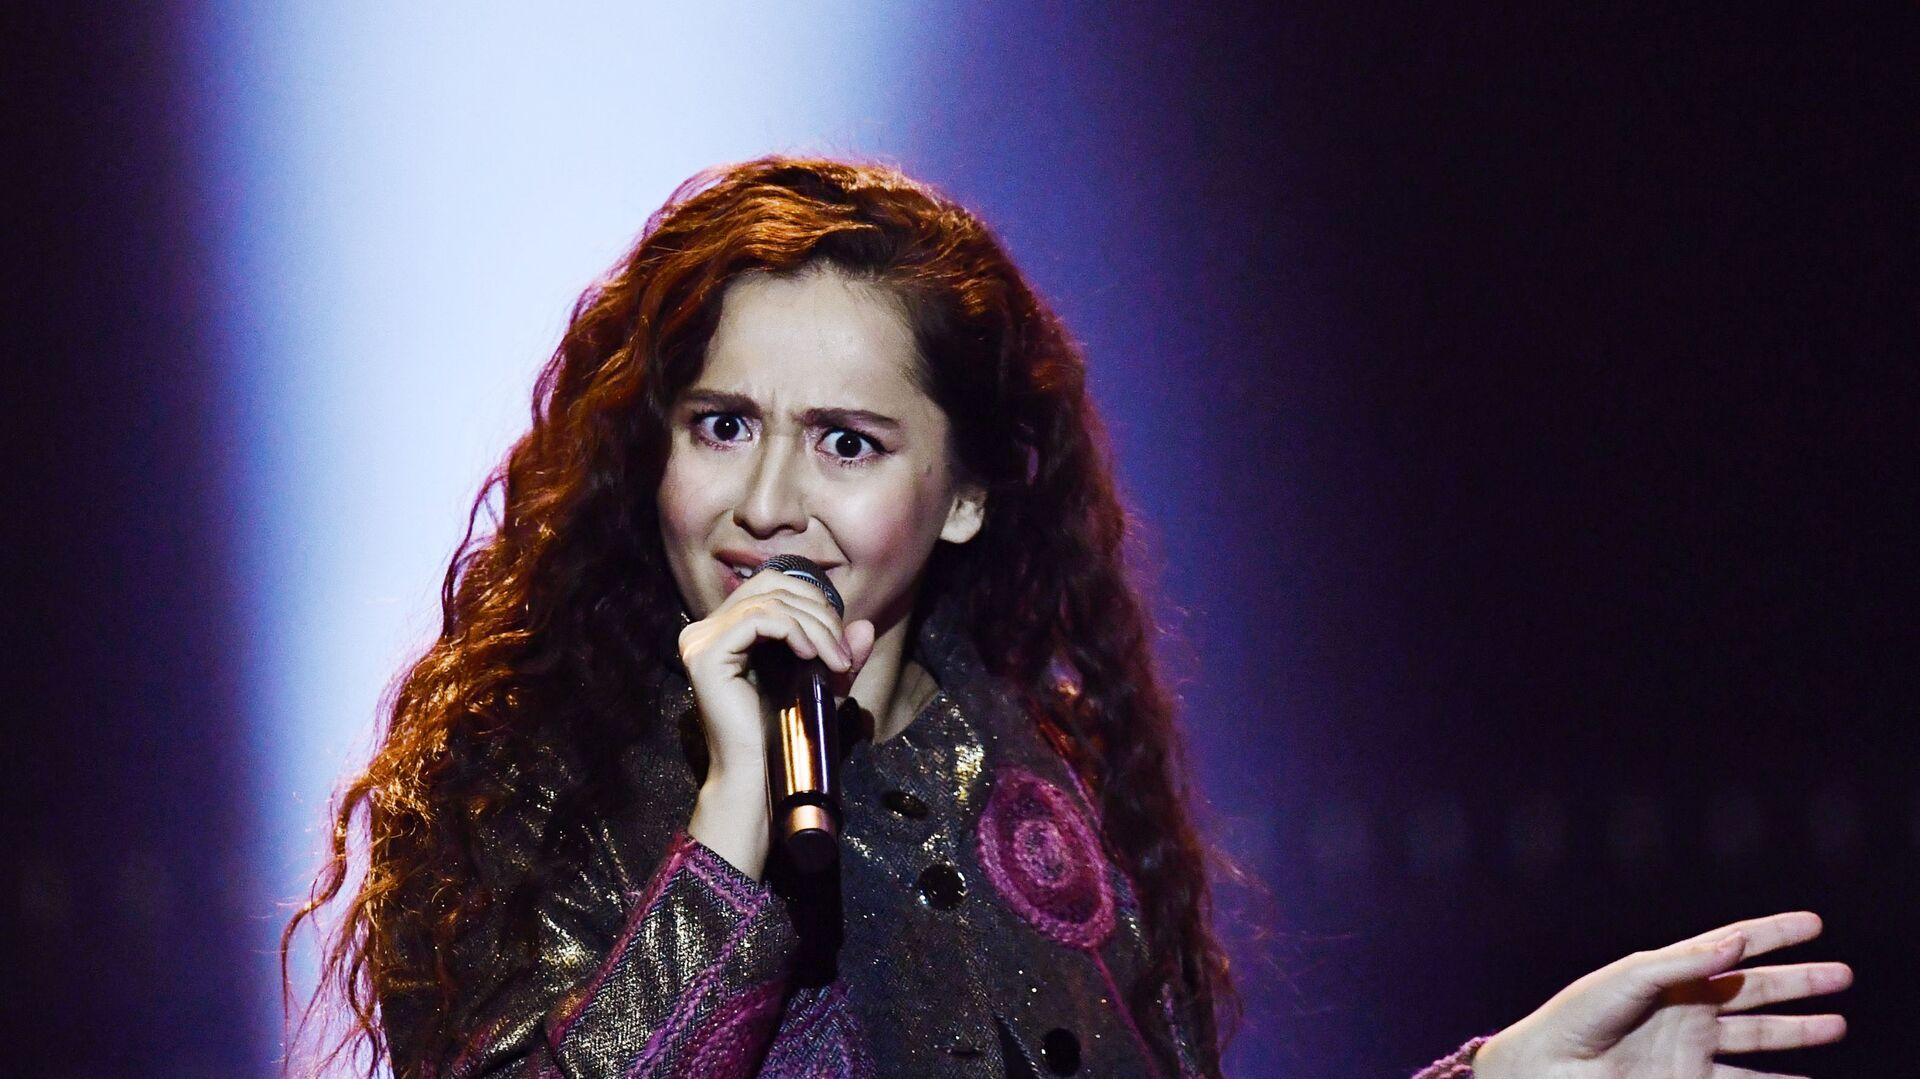 Певица Manizha (Манижа) выступает на концерте в Crocus City Hall в Москве - Sputnik Таджикистан, 1920, 23.03.2021